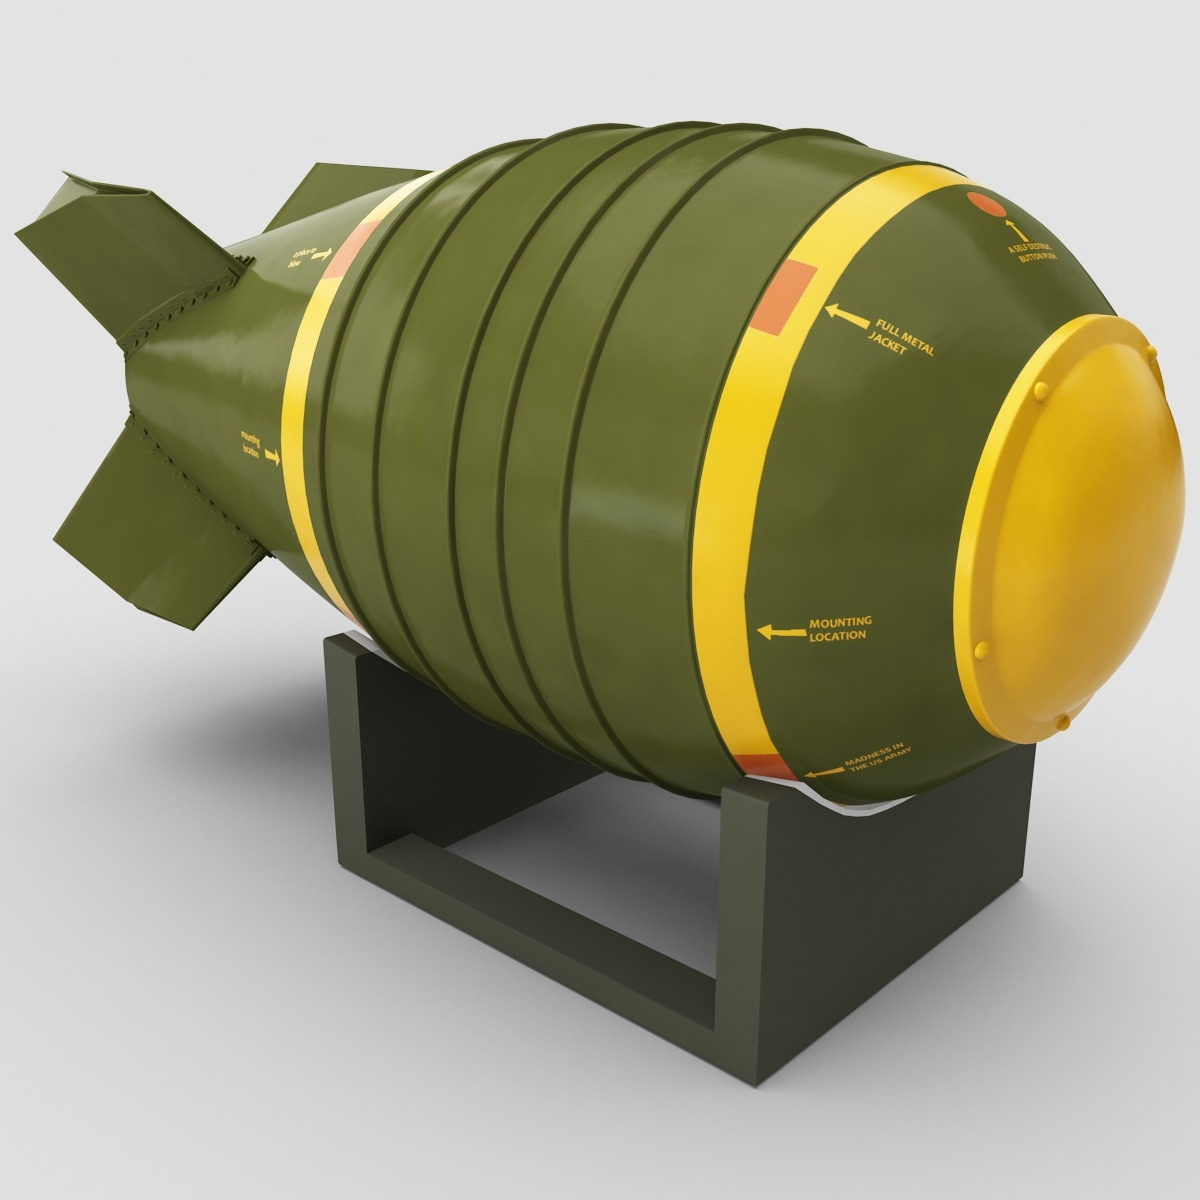 Nuclear_Bomb_Mark_6_001.jpg